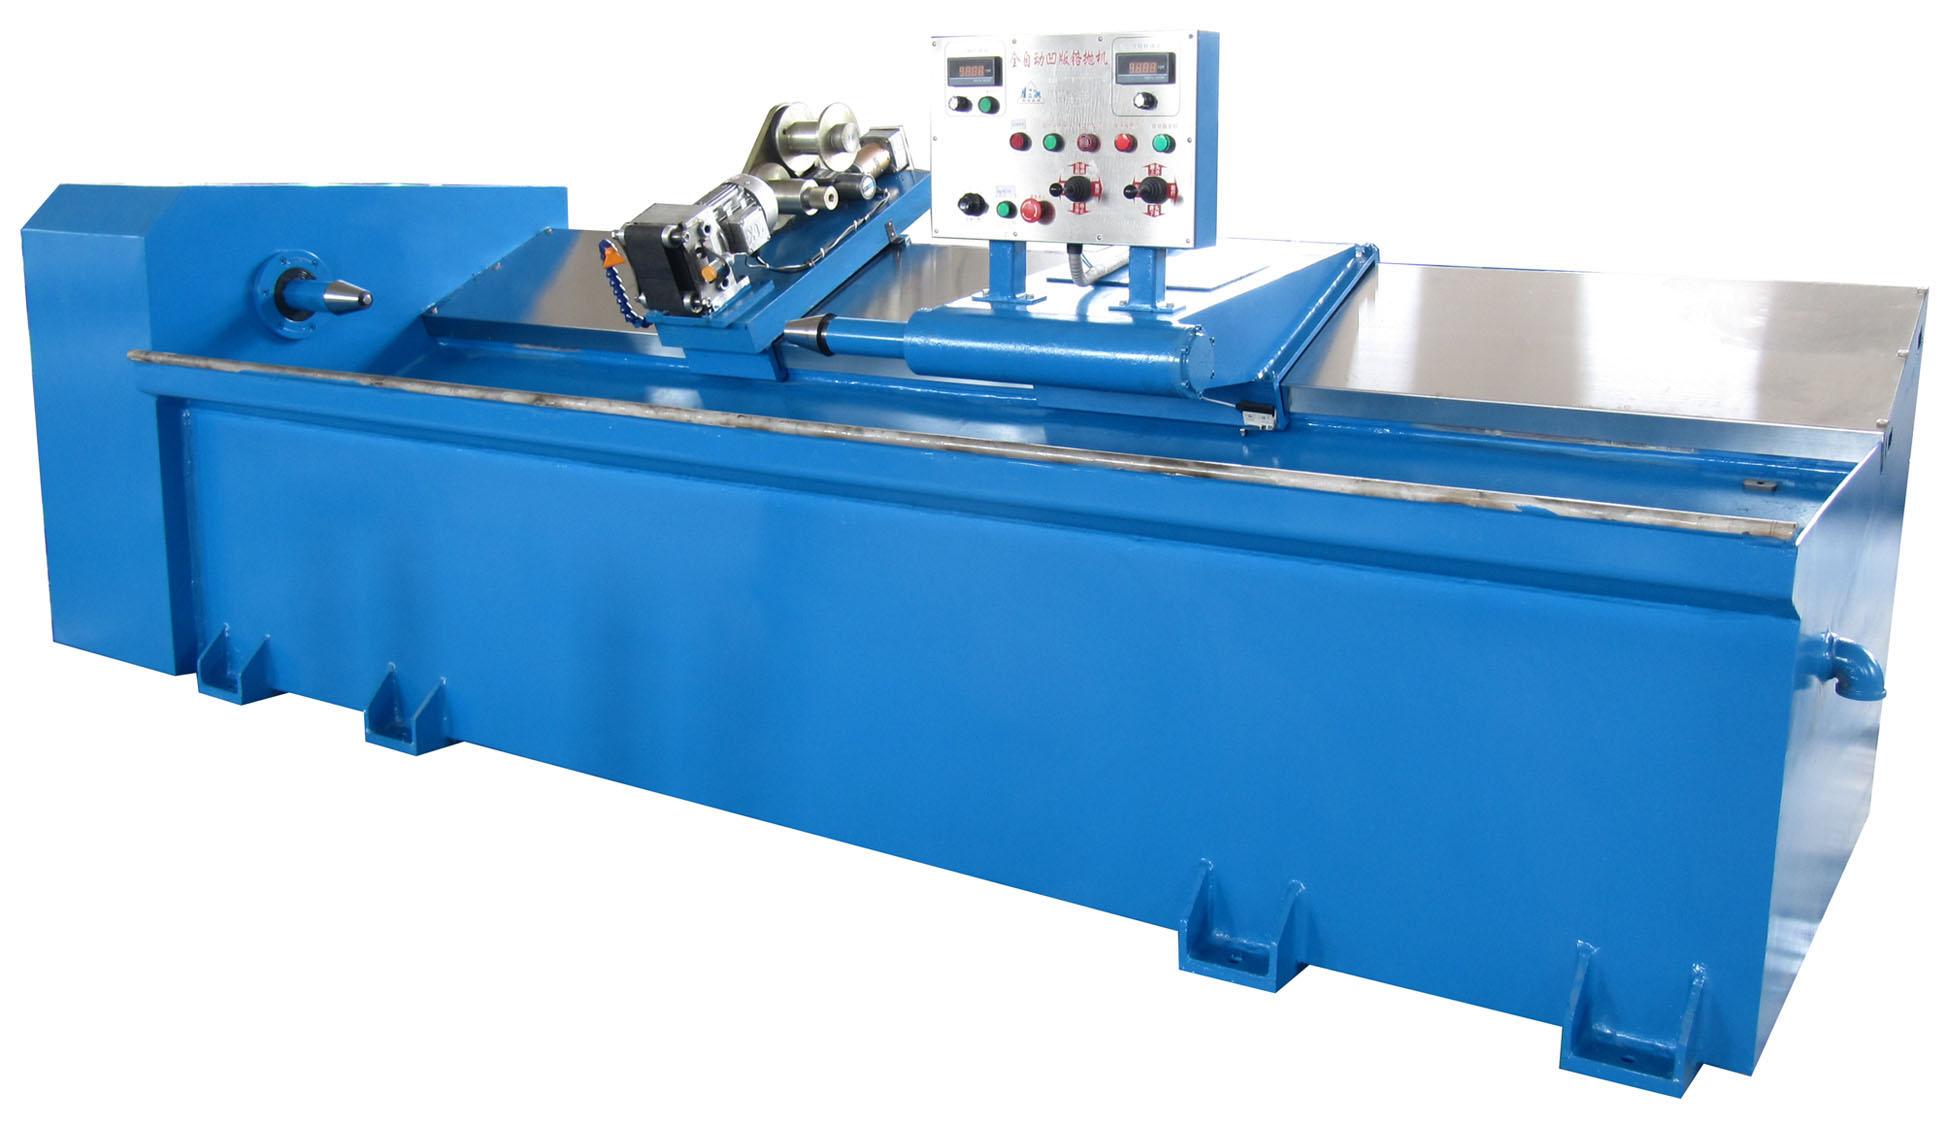 印刷版工中要求严格的技术